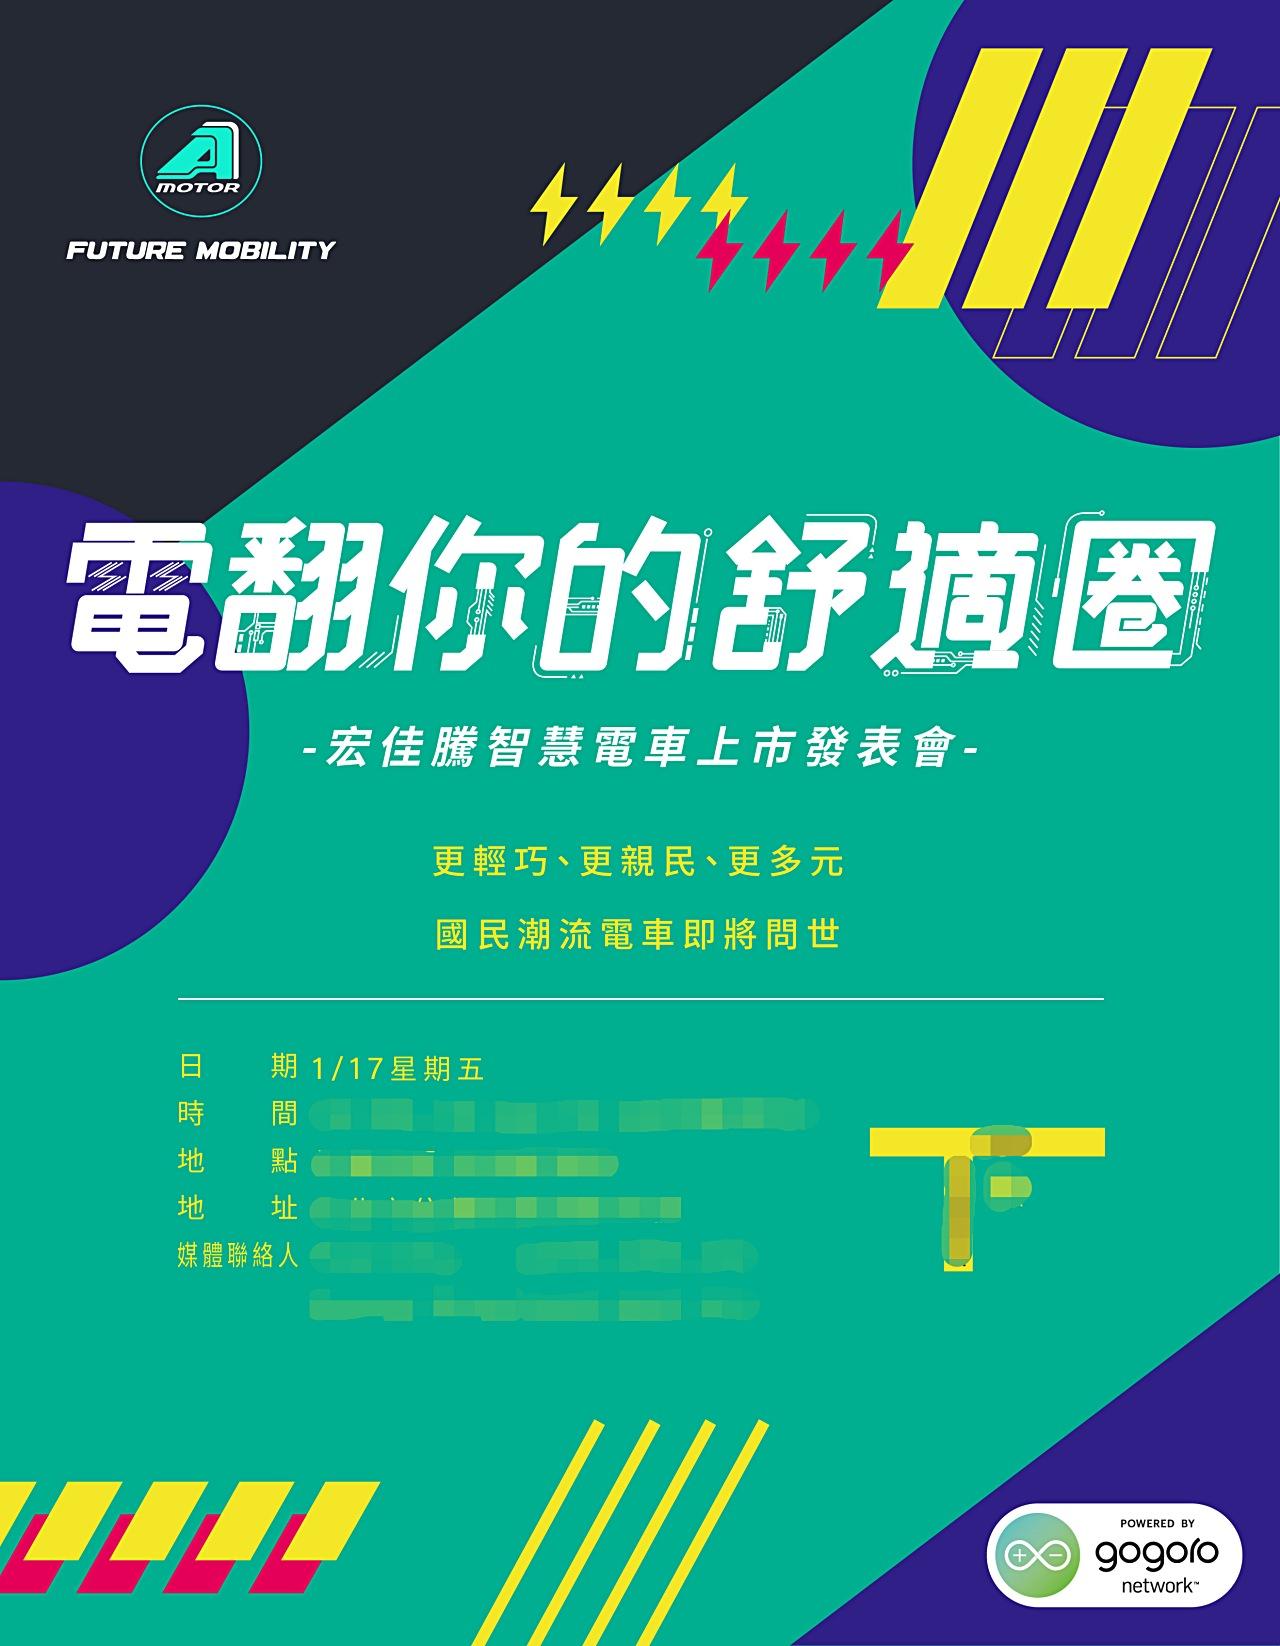 宏佳騰選在 1/17 發表新款�載 PBGN 系統電動車